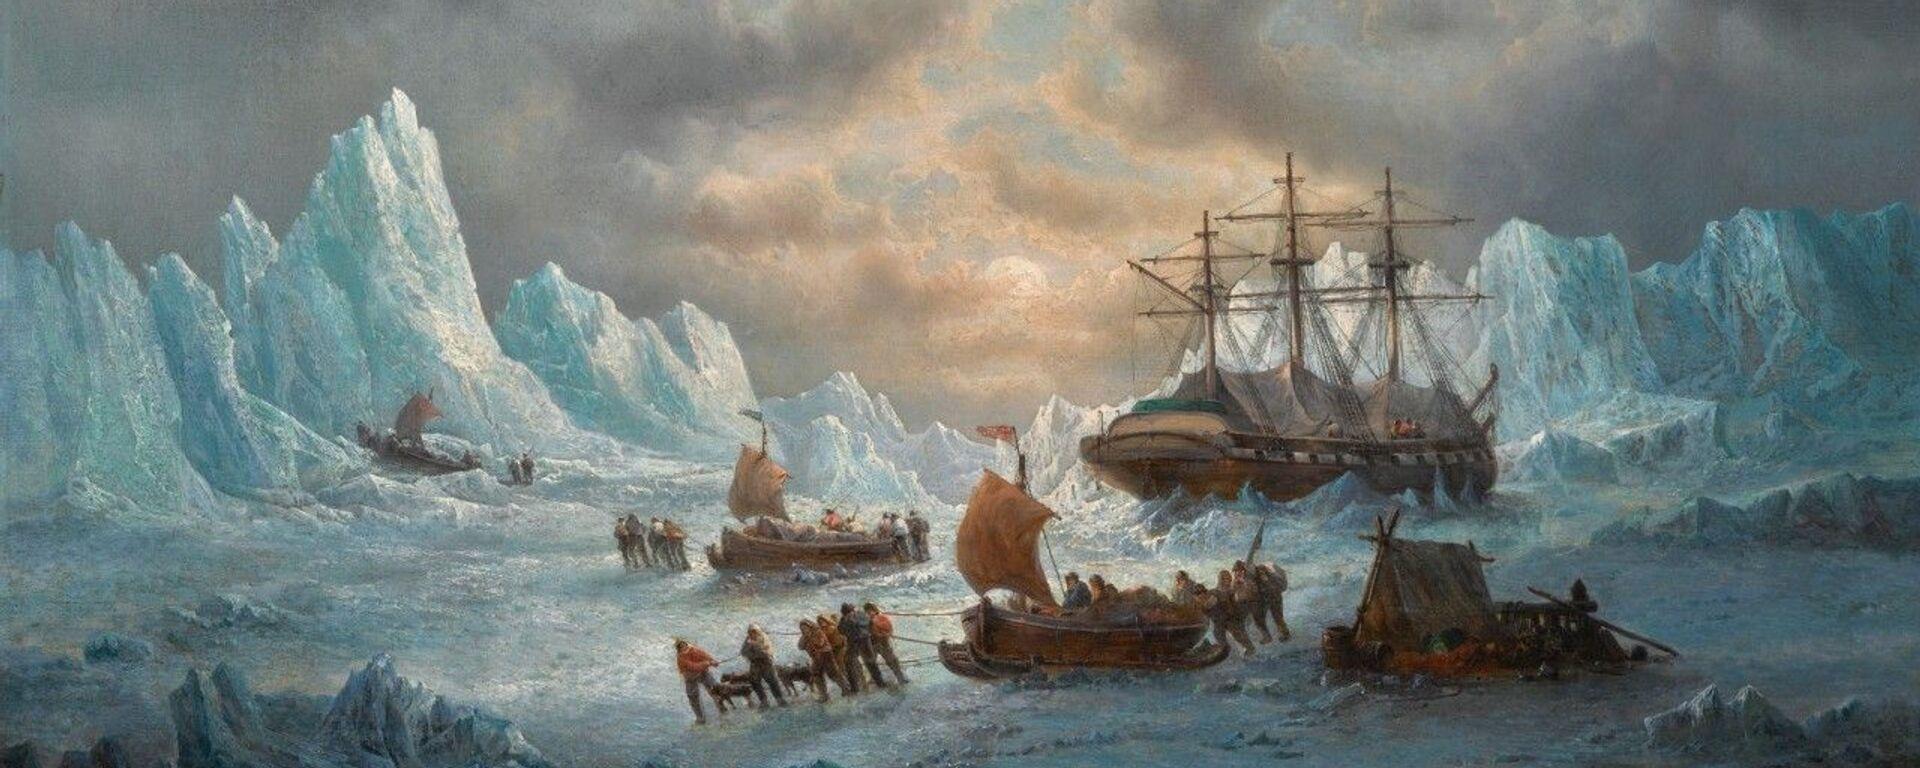 Obraz Françoise Musina Hledání sira Johna Franklina v Arktidě - Sputnik Česká republika, 1920, 20.05.2021